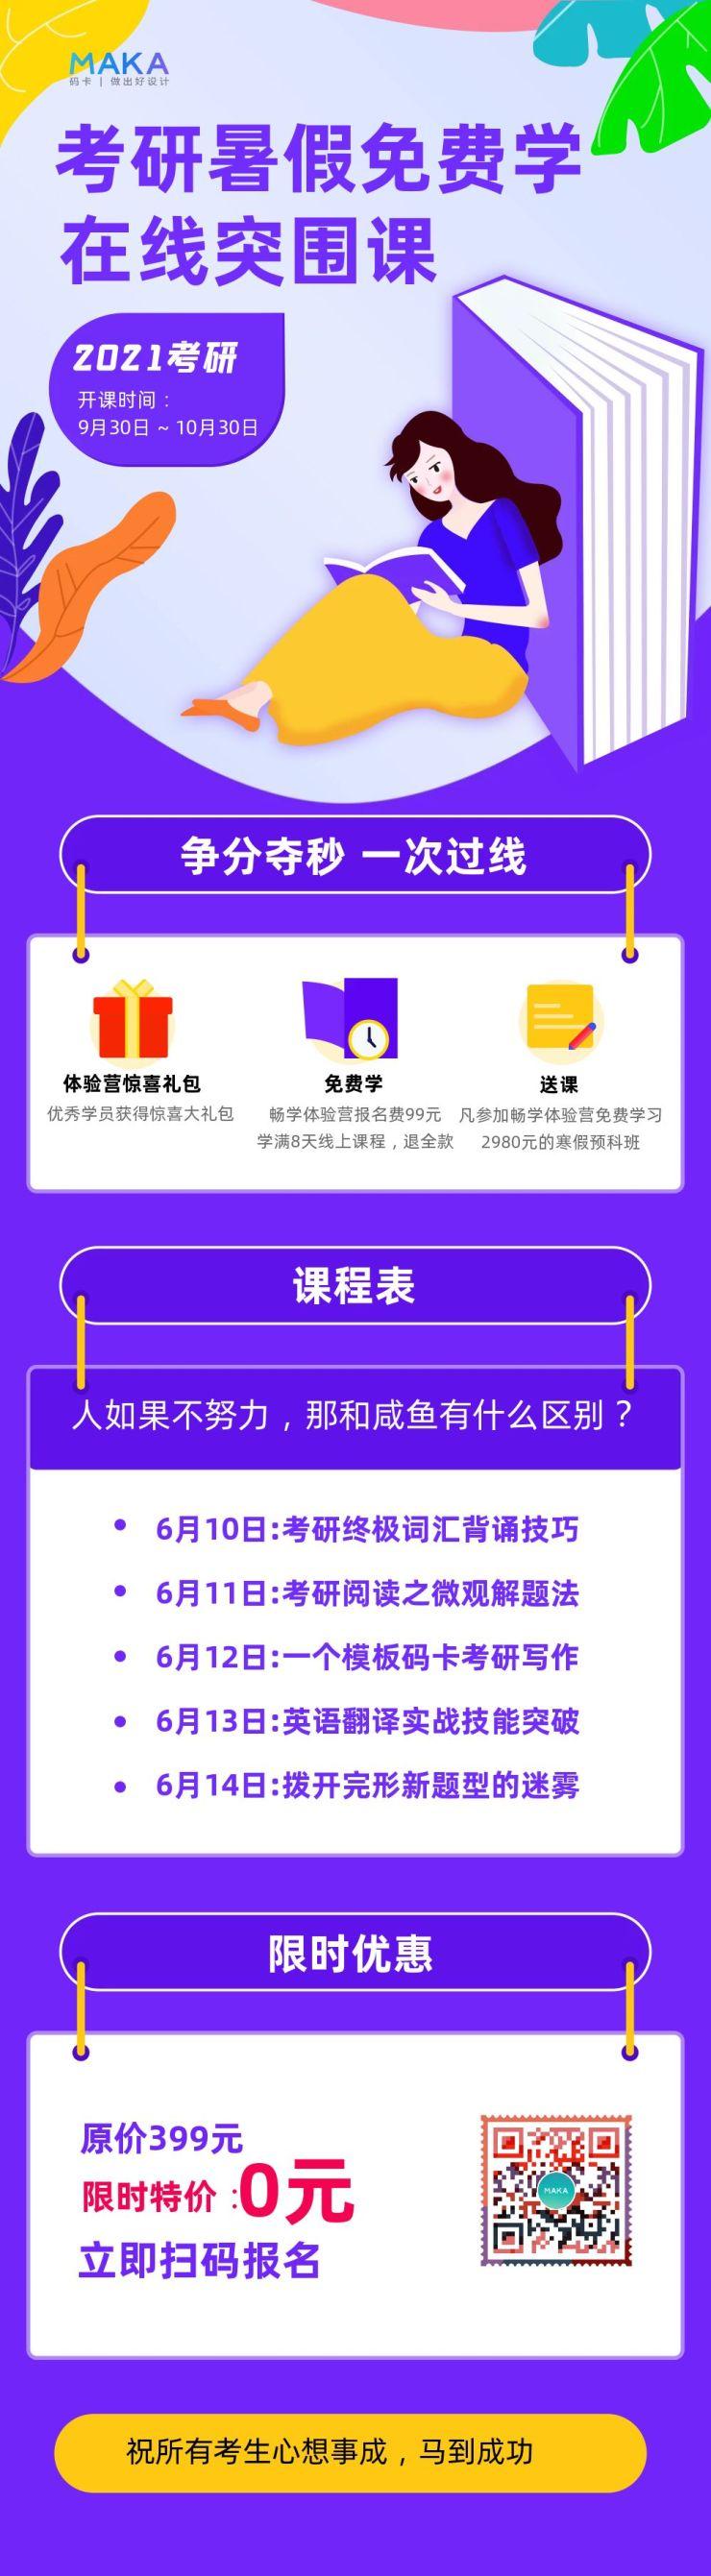 紫色时尚简约风教育行业考研培训班暑期招生宣传推广长图模板